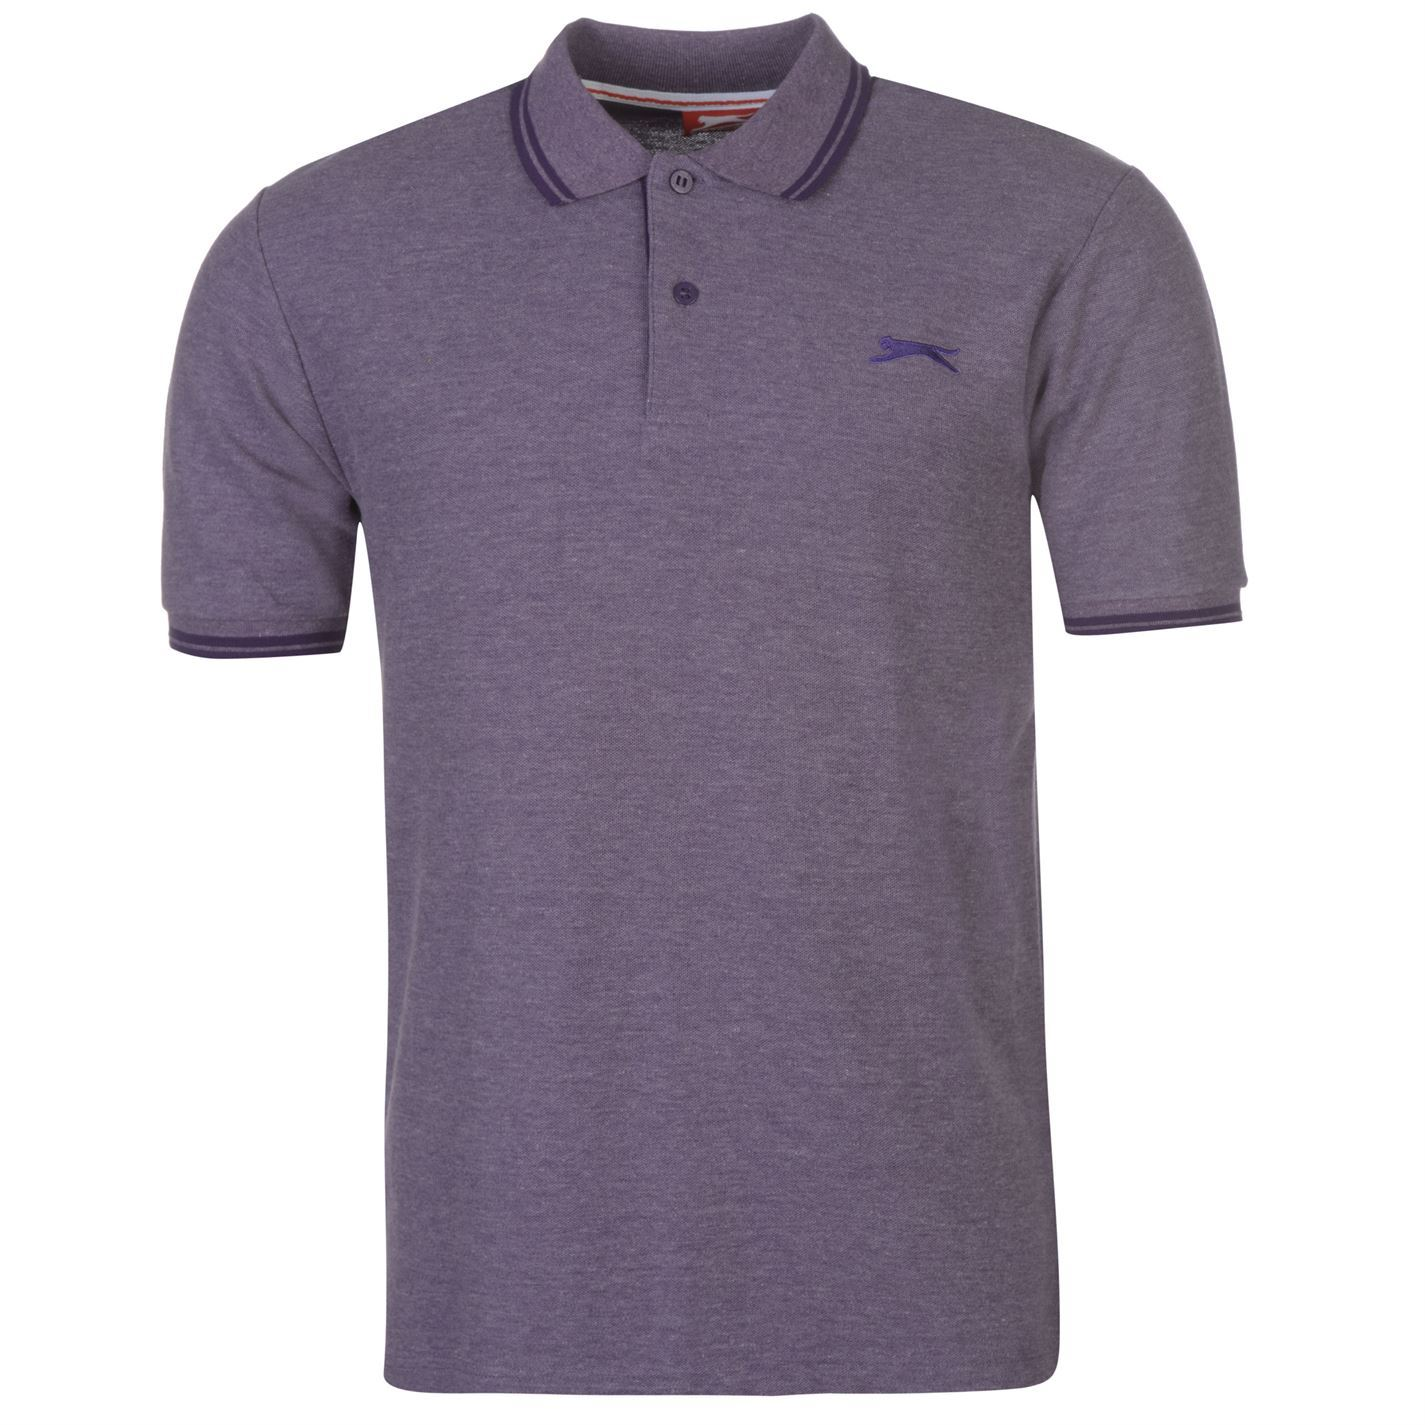 Slazenger-Polo-Camisa-de-hombre-con-cuello-con-Punta-T-Shirt-Top-Camiseta-Tee miniatura 94